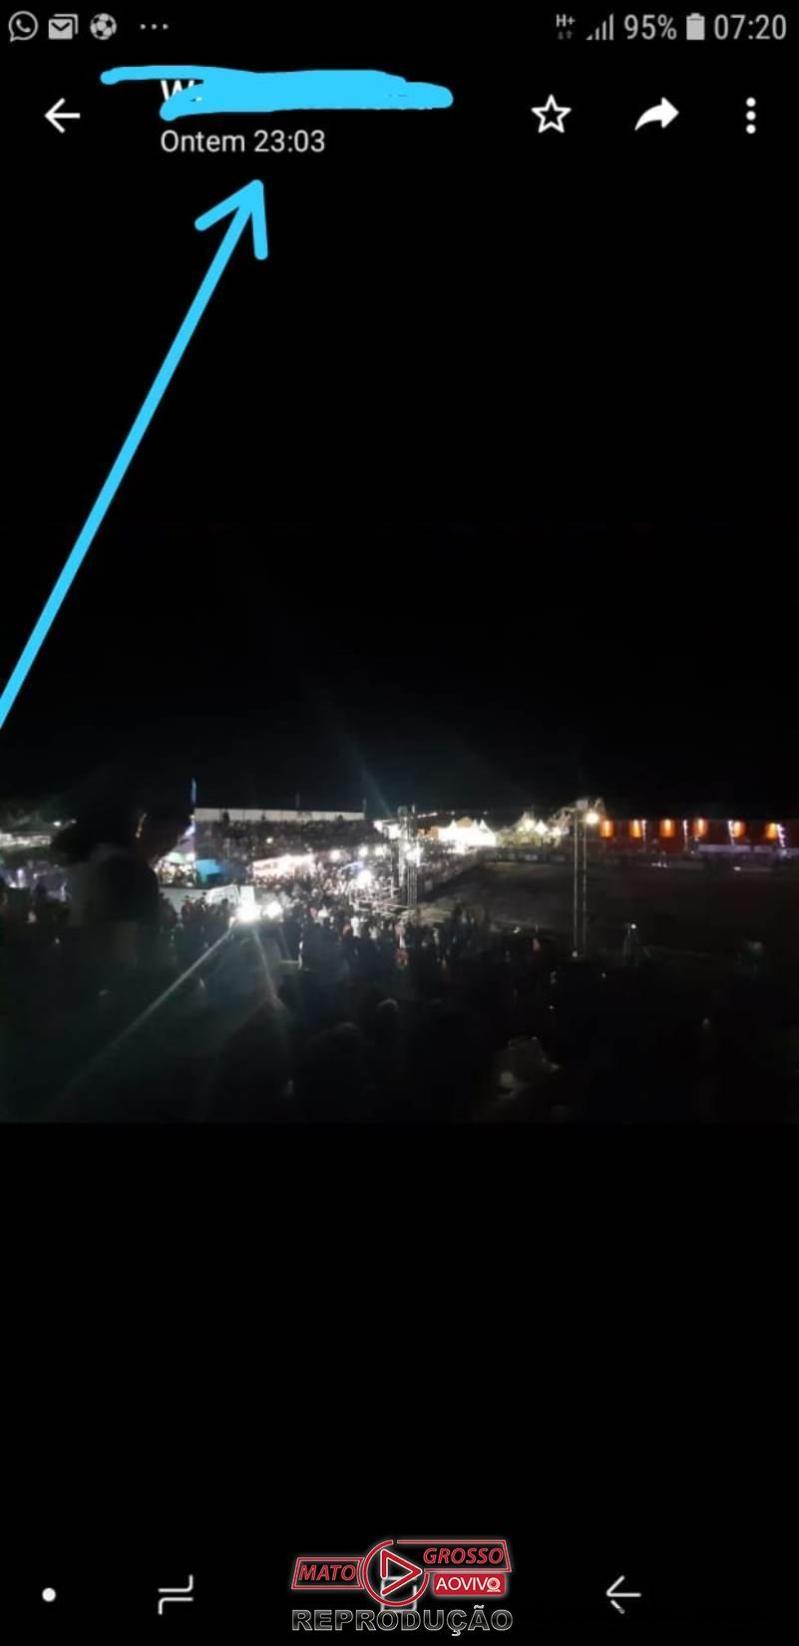 EXPO ALTA FLORESTA | Atrasos, filas gigantes e risco de acidentes são algumas da reclamações no primeiro dia do evento 65